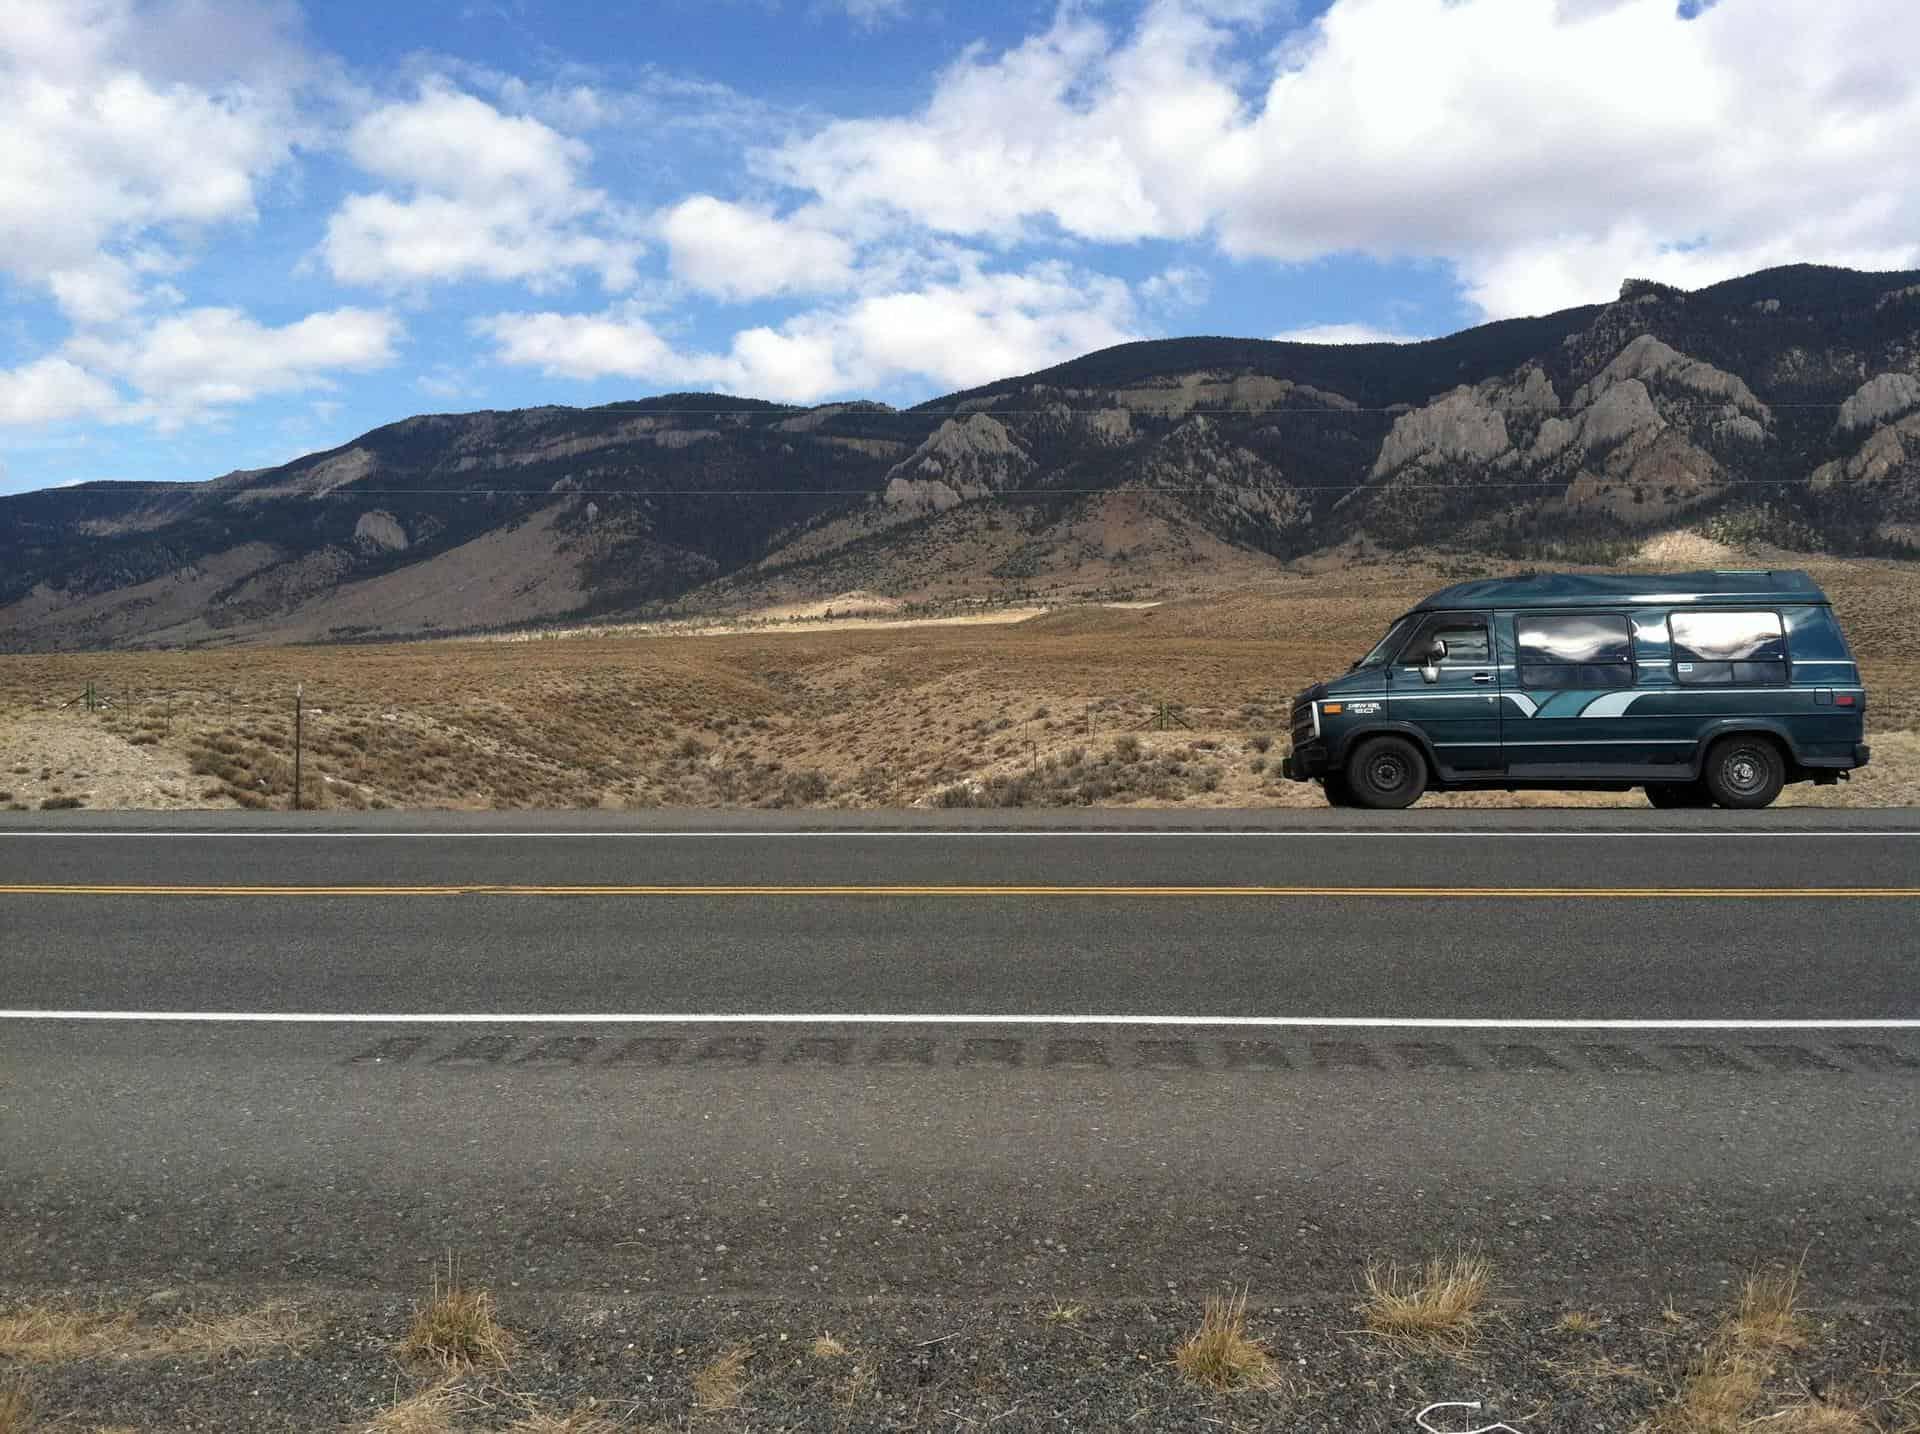 Gerty the van, Wyoming, photo by WTF Vegan Food